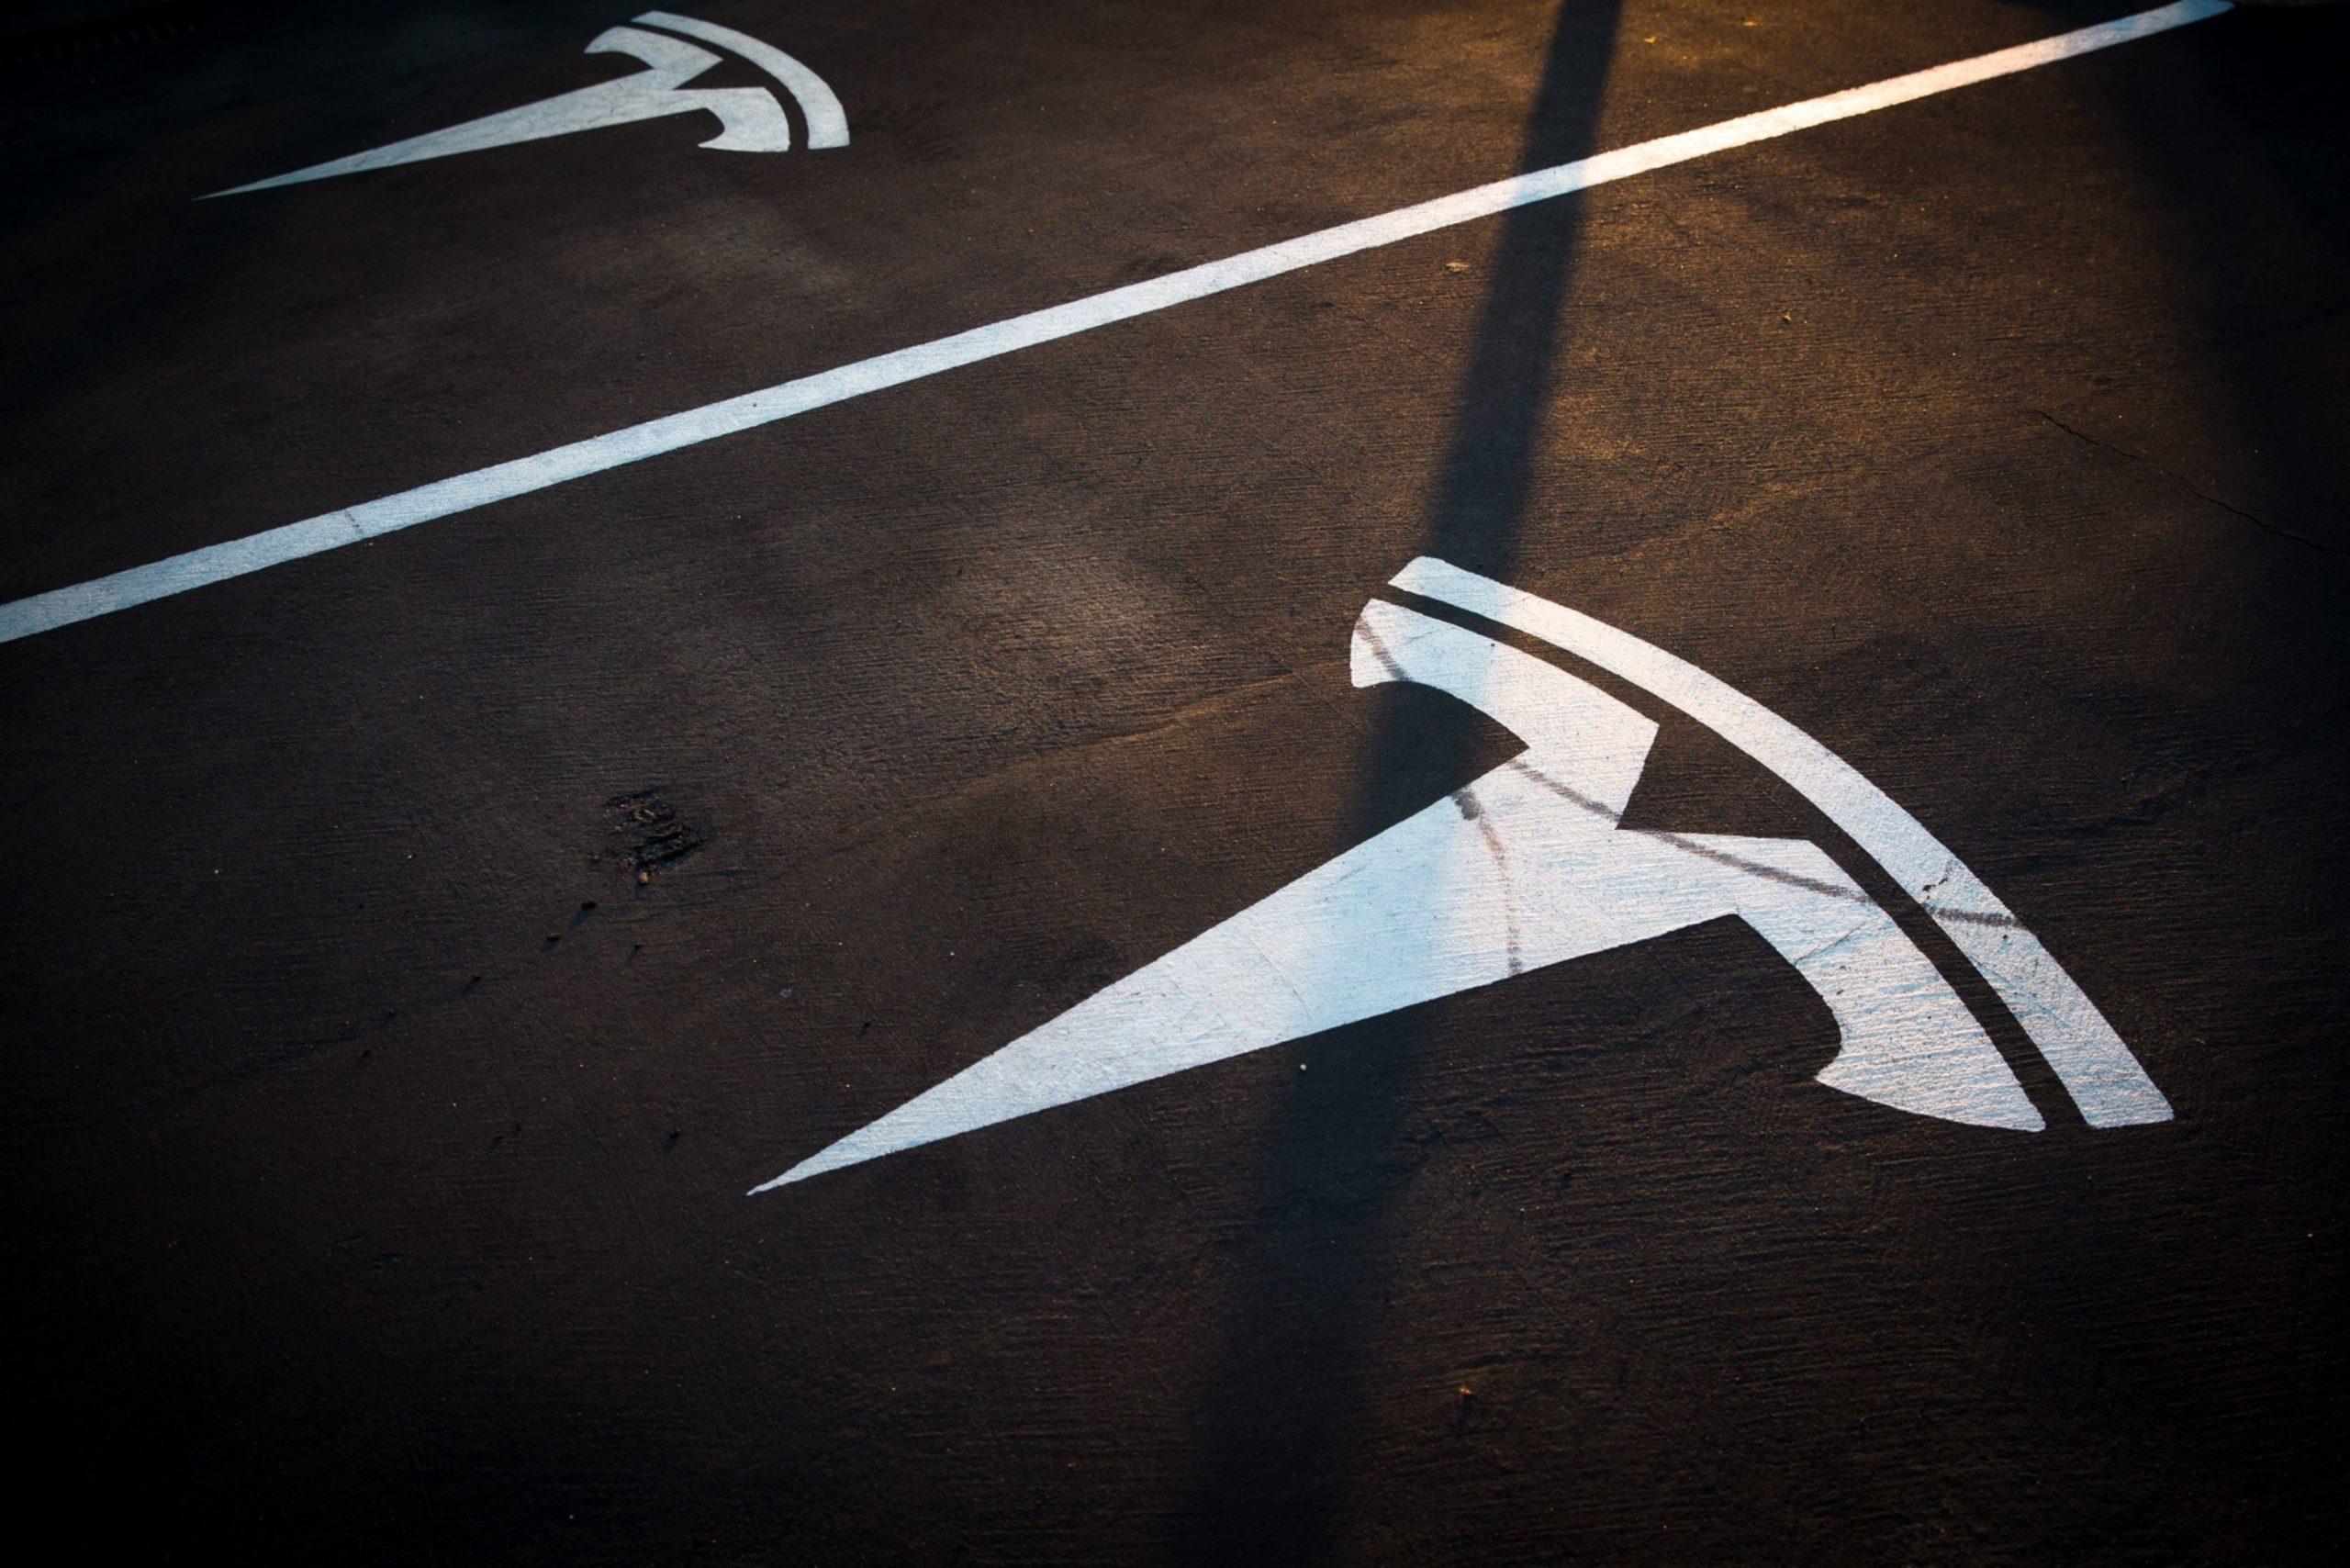 Business Maverick: Tesla Gains After Goldman Seizes Street-High Target in Upgrade